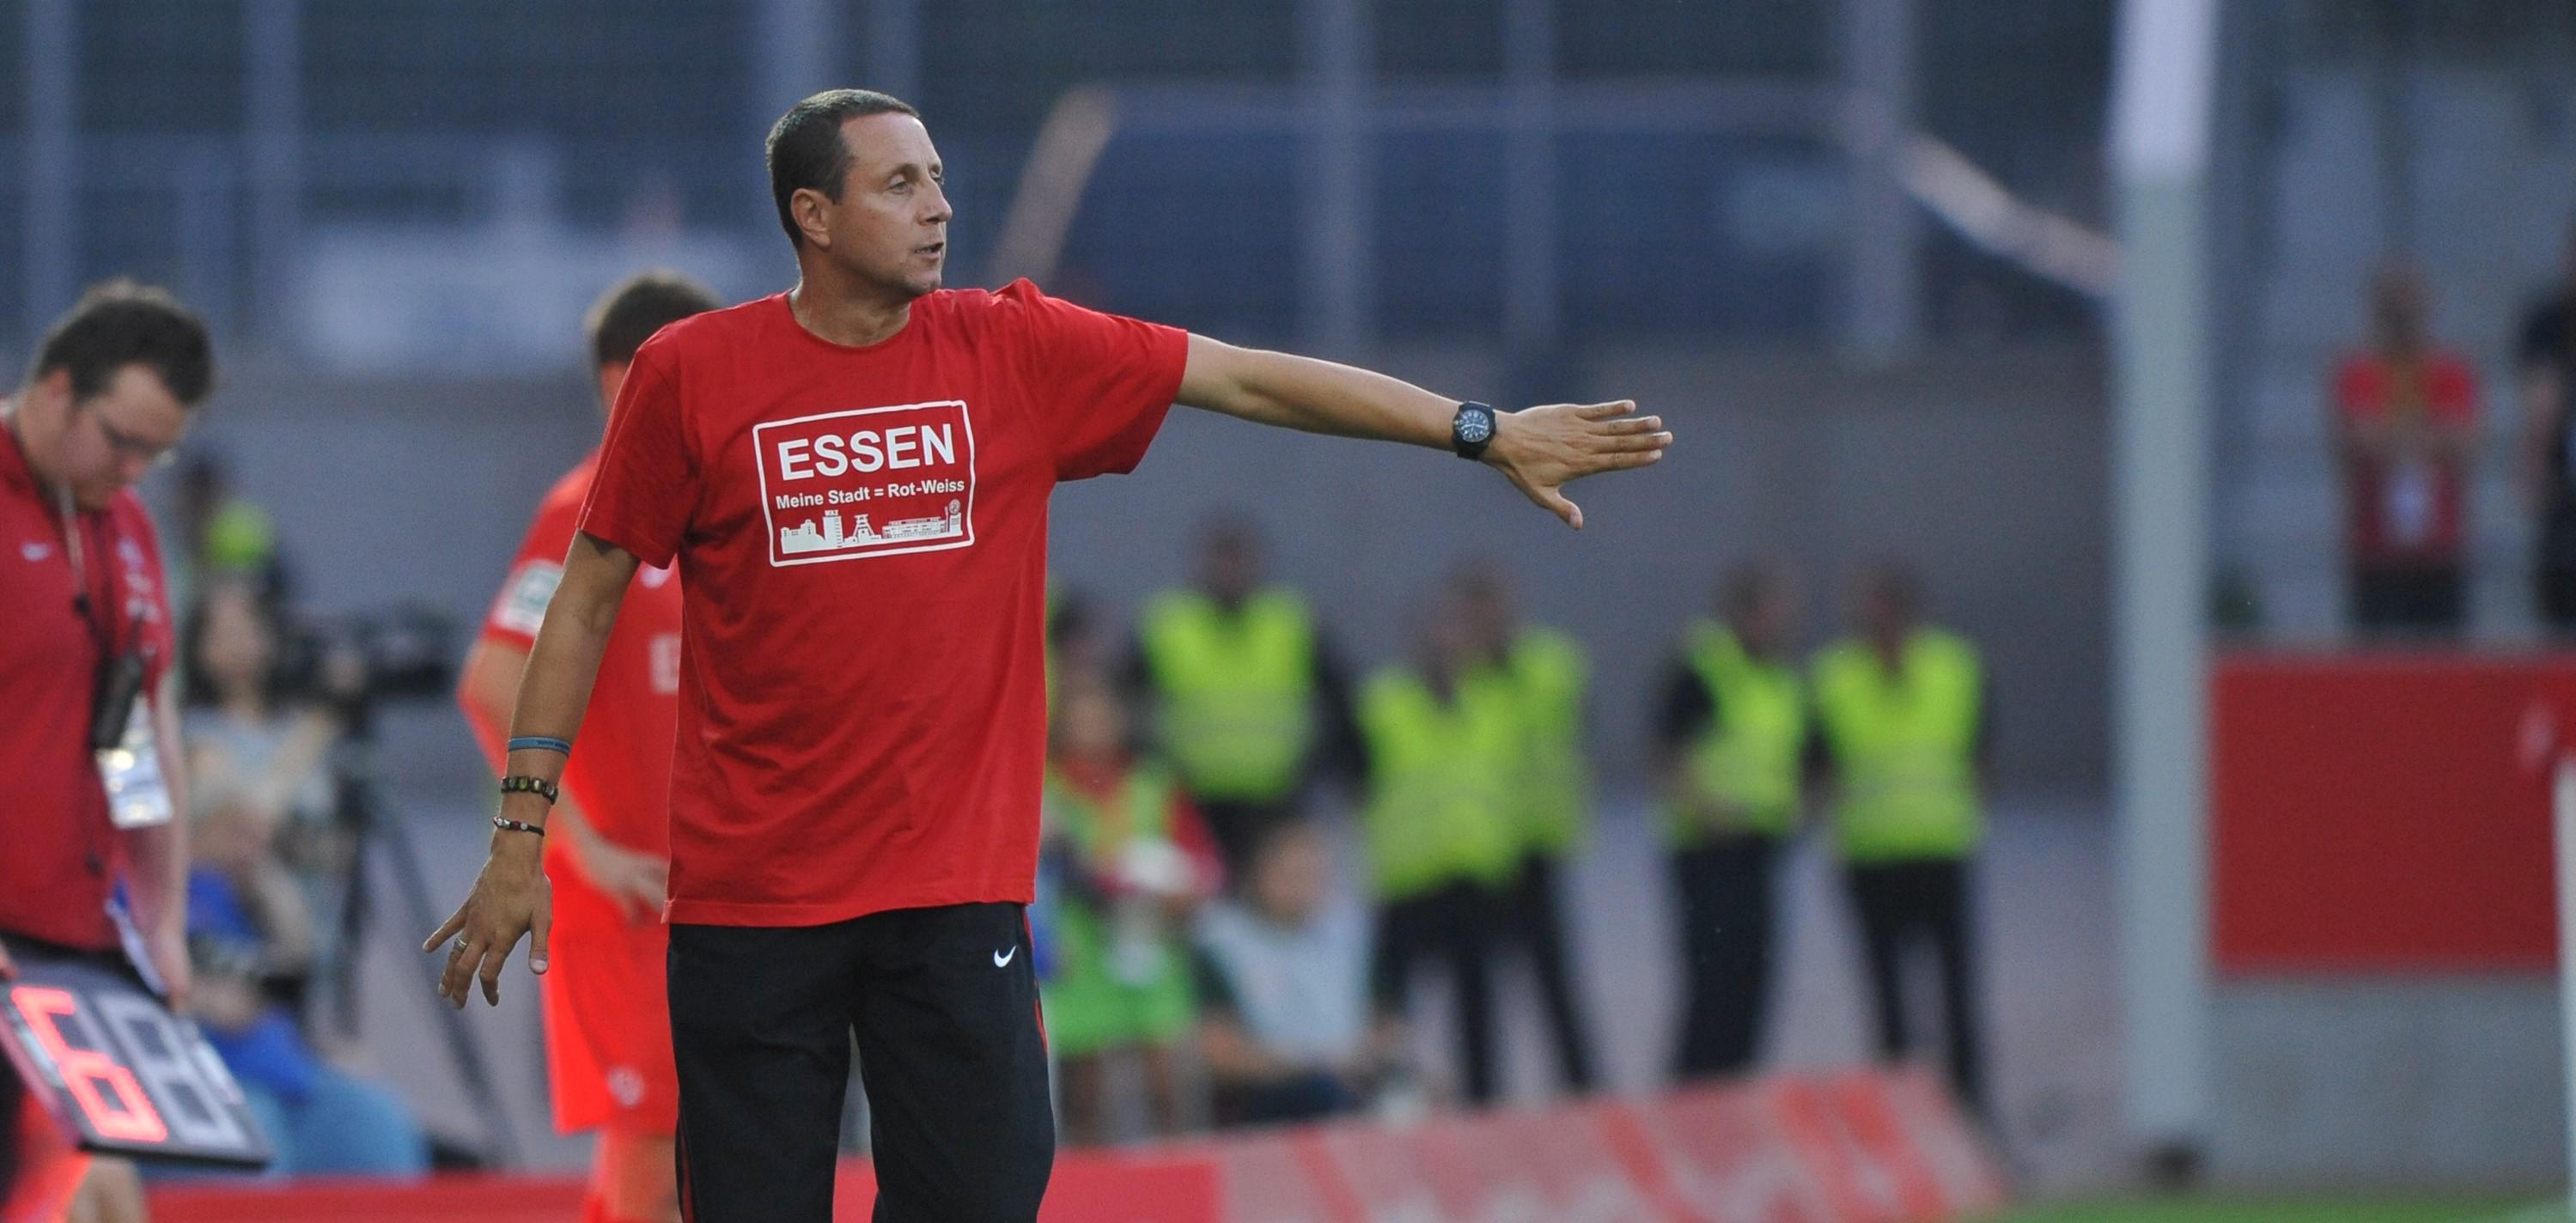 RWE-Fans können noch bis Freitag ein Training mit Fußballlehrer Waldemar Wrobel ersteigern. (Foto: Tillmann)